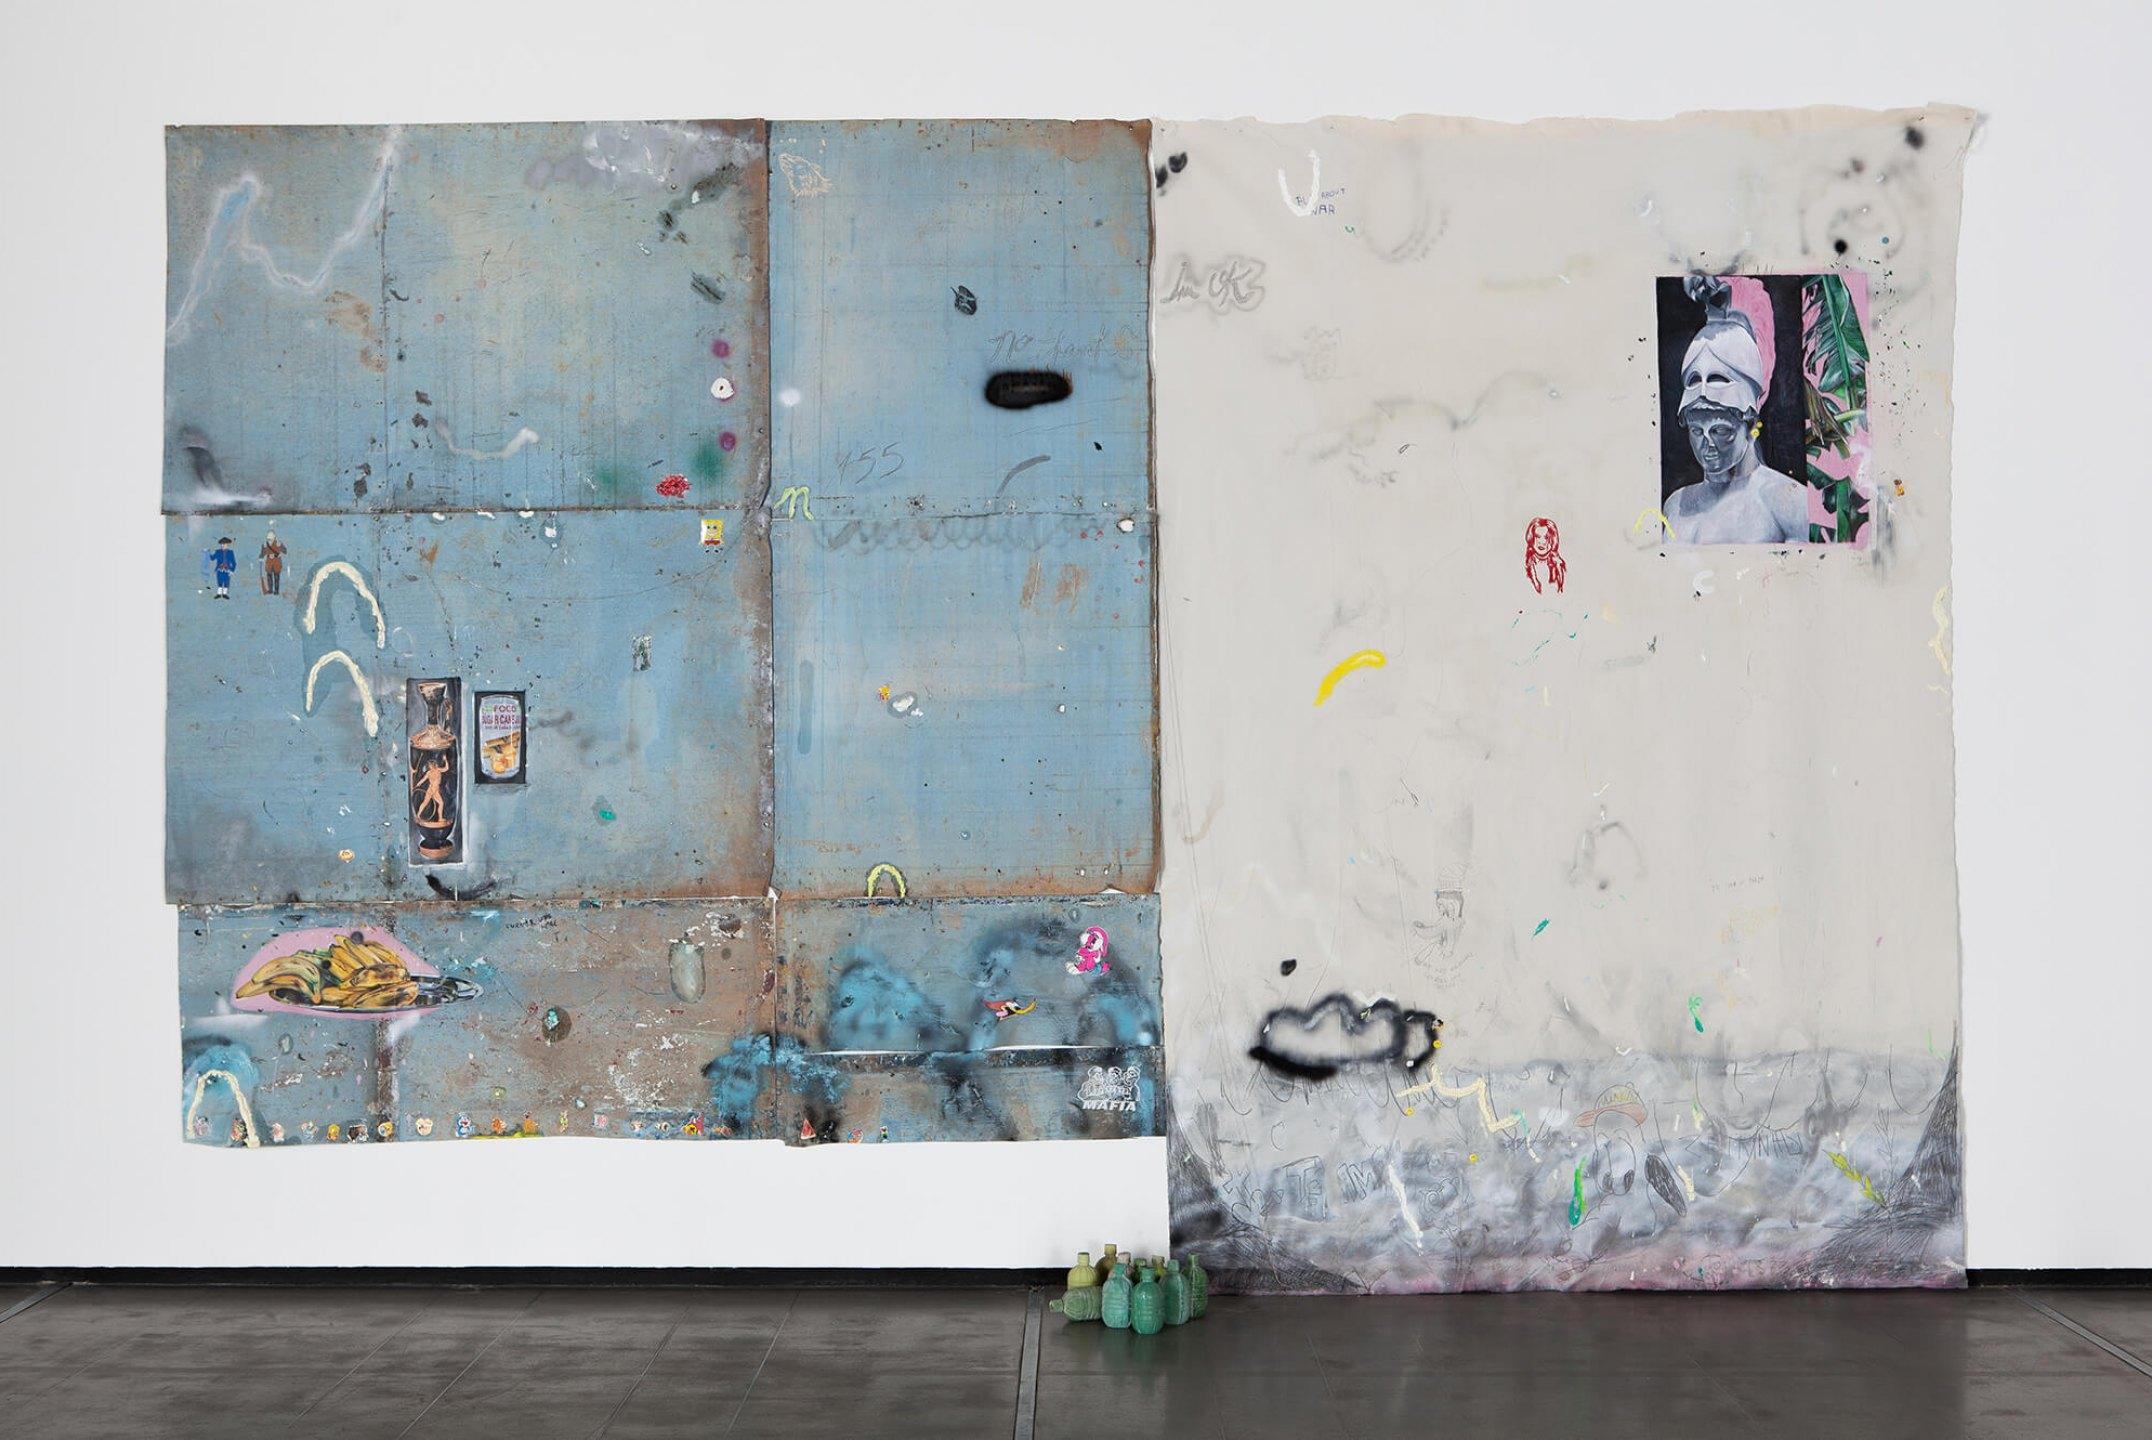 Paulo Nimer Pjota, <em>Entre a filosofia e o crime, part. I</em>, 2015, acrylic, oil, pen, pencil on iron plate, cotton, paper and concrete, 265 × 465 cm - Mendes Wood DM